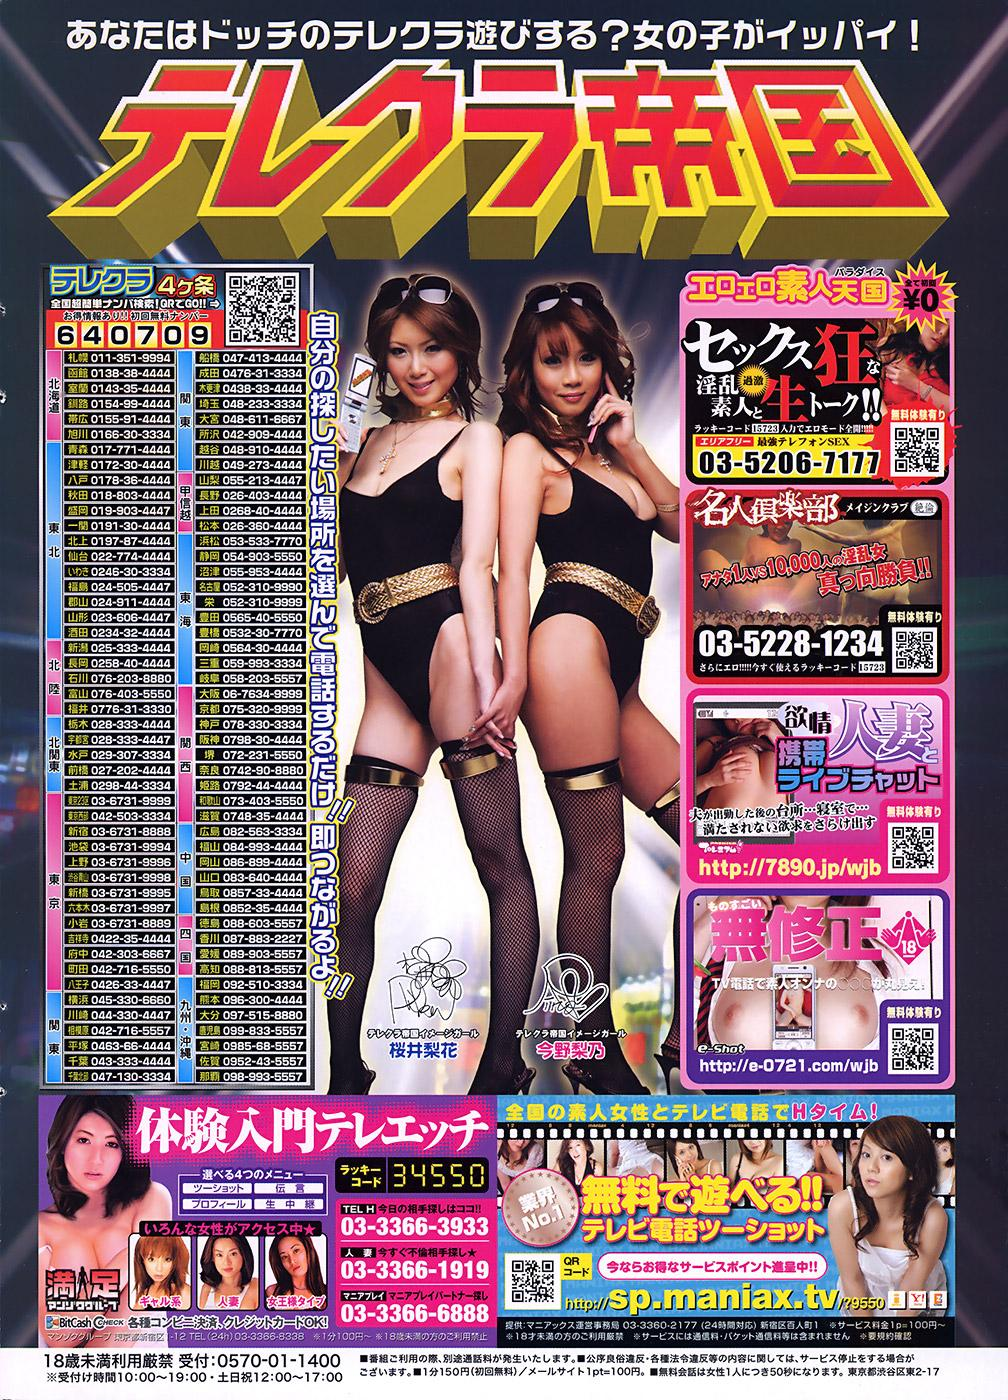 Comic Purumelo 2008-10 Vol.22 1